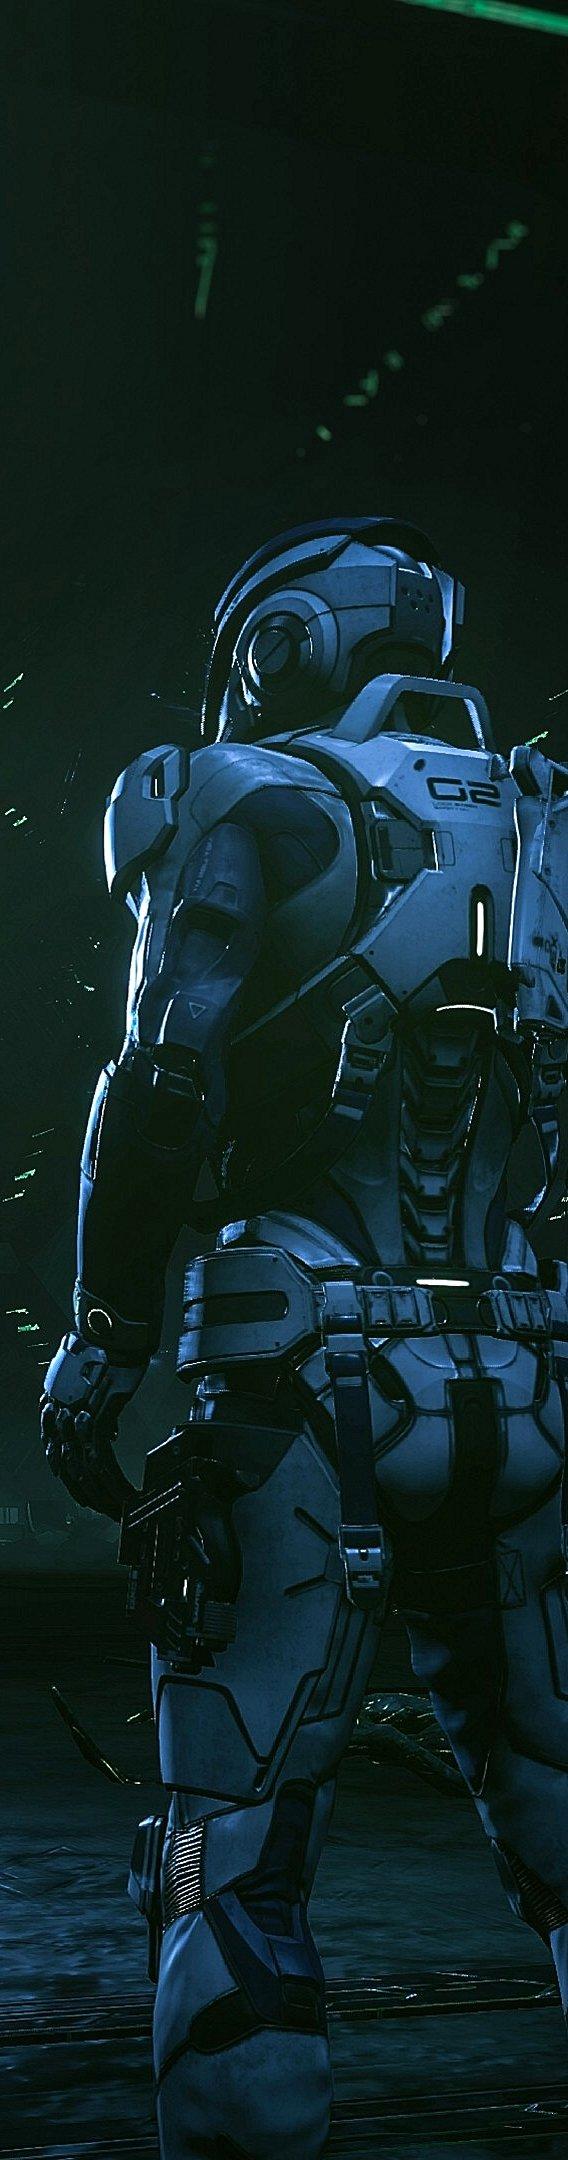 Круглый стол. Зачто мылюбим иненавидим Mass Effect: Andromeda. - Изображение 10